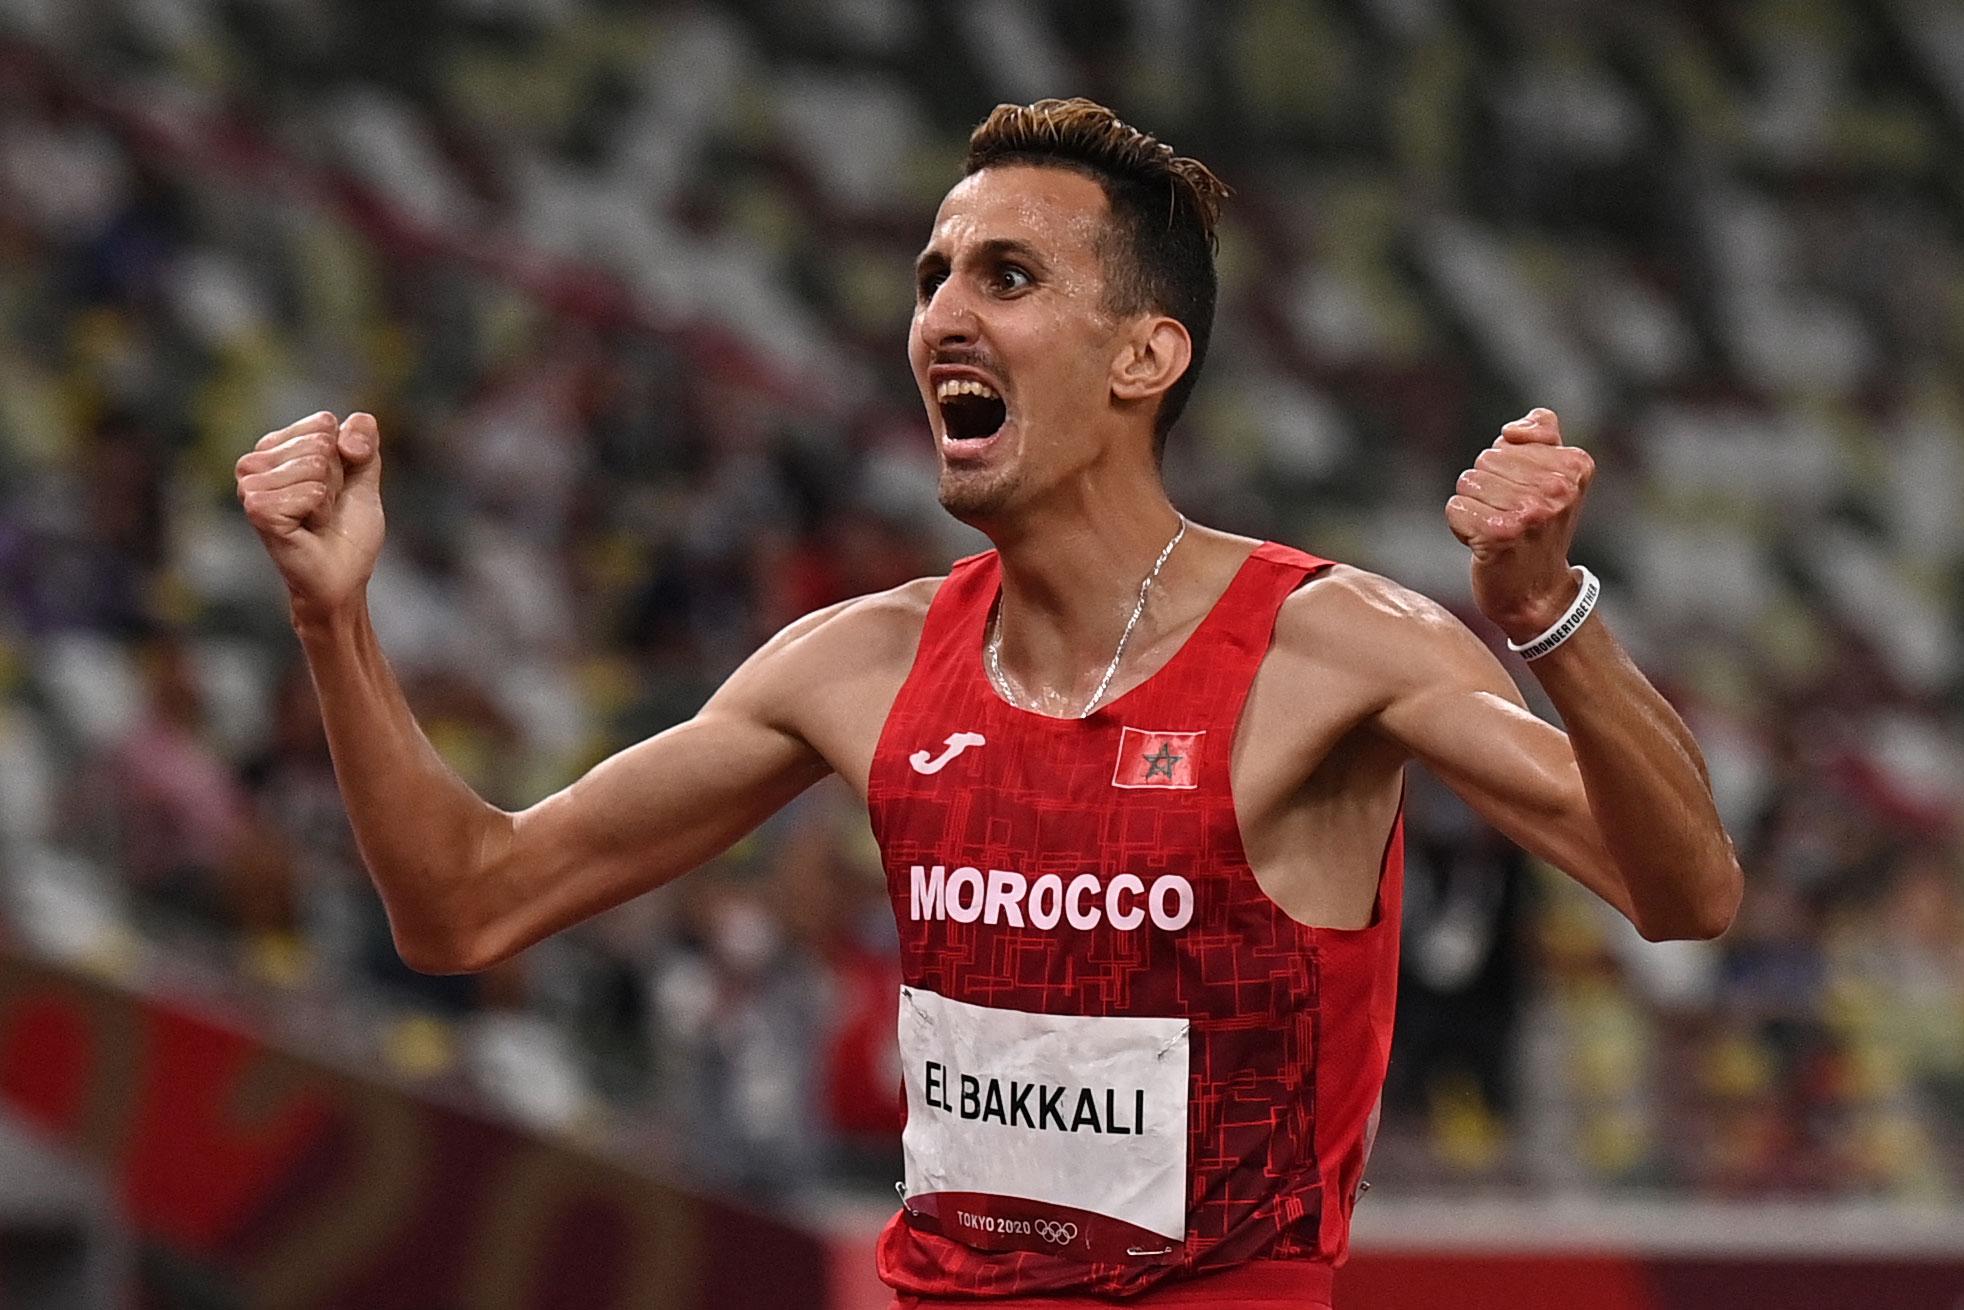 Morocco's Soufiane El Bakkali celebrates winning gold in the 3000-meter steeplechase on August 2.